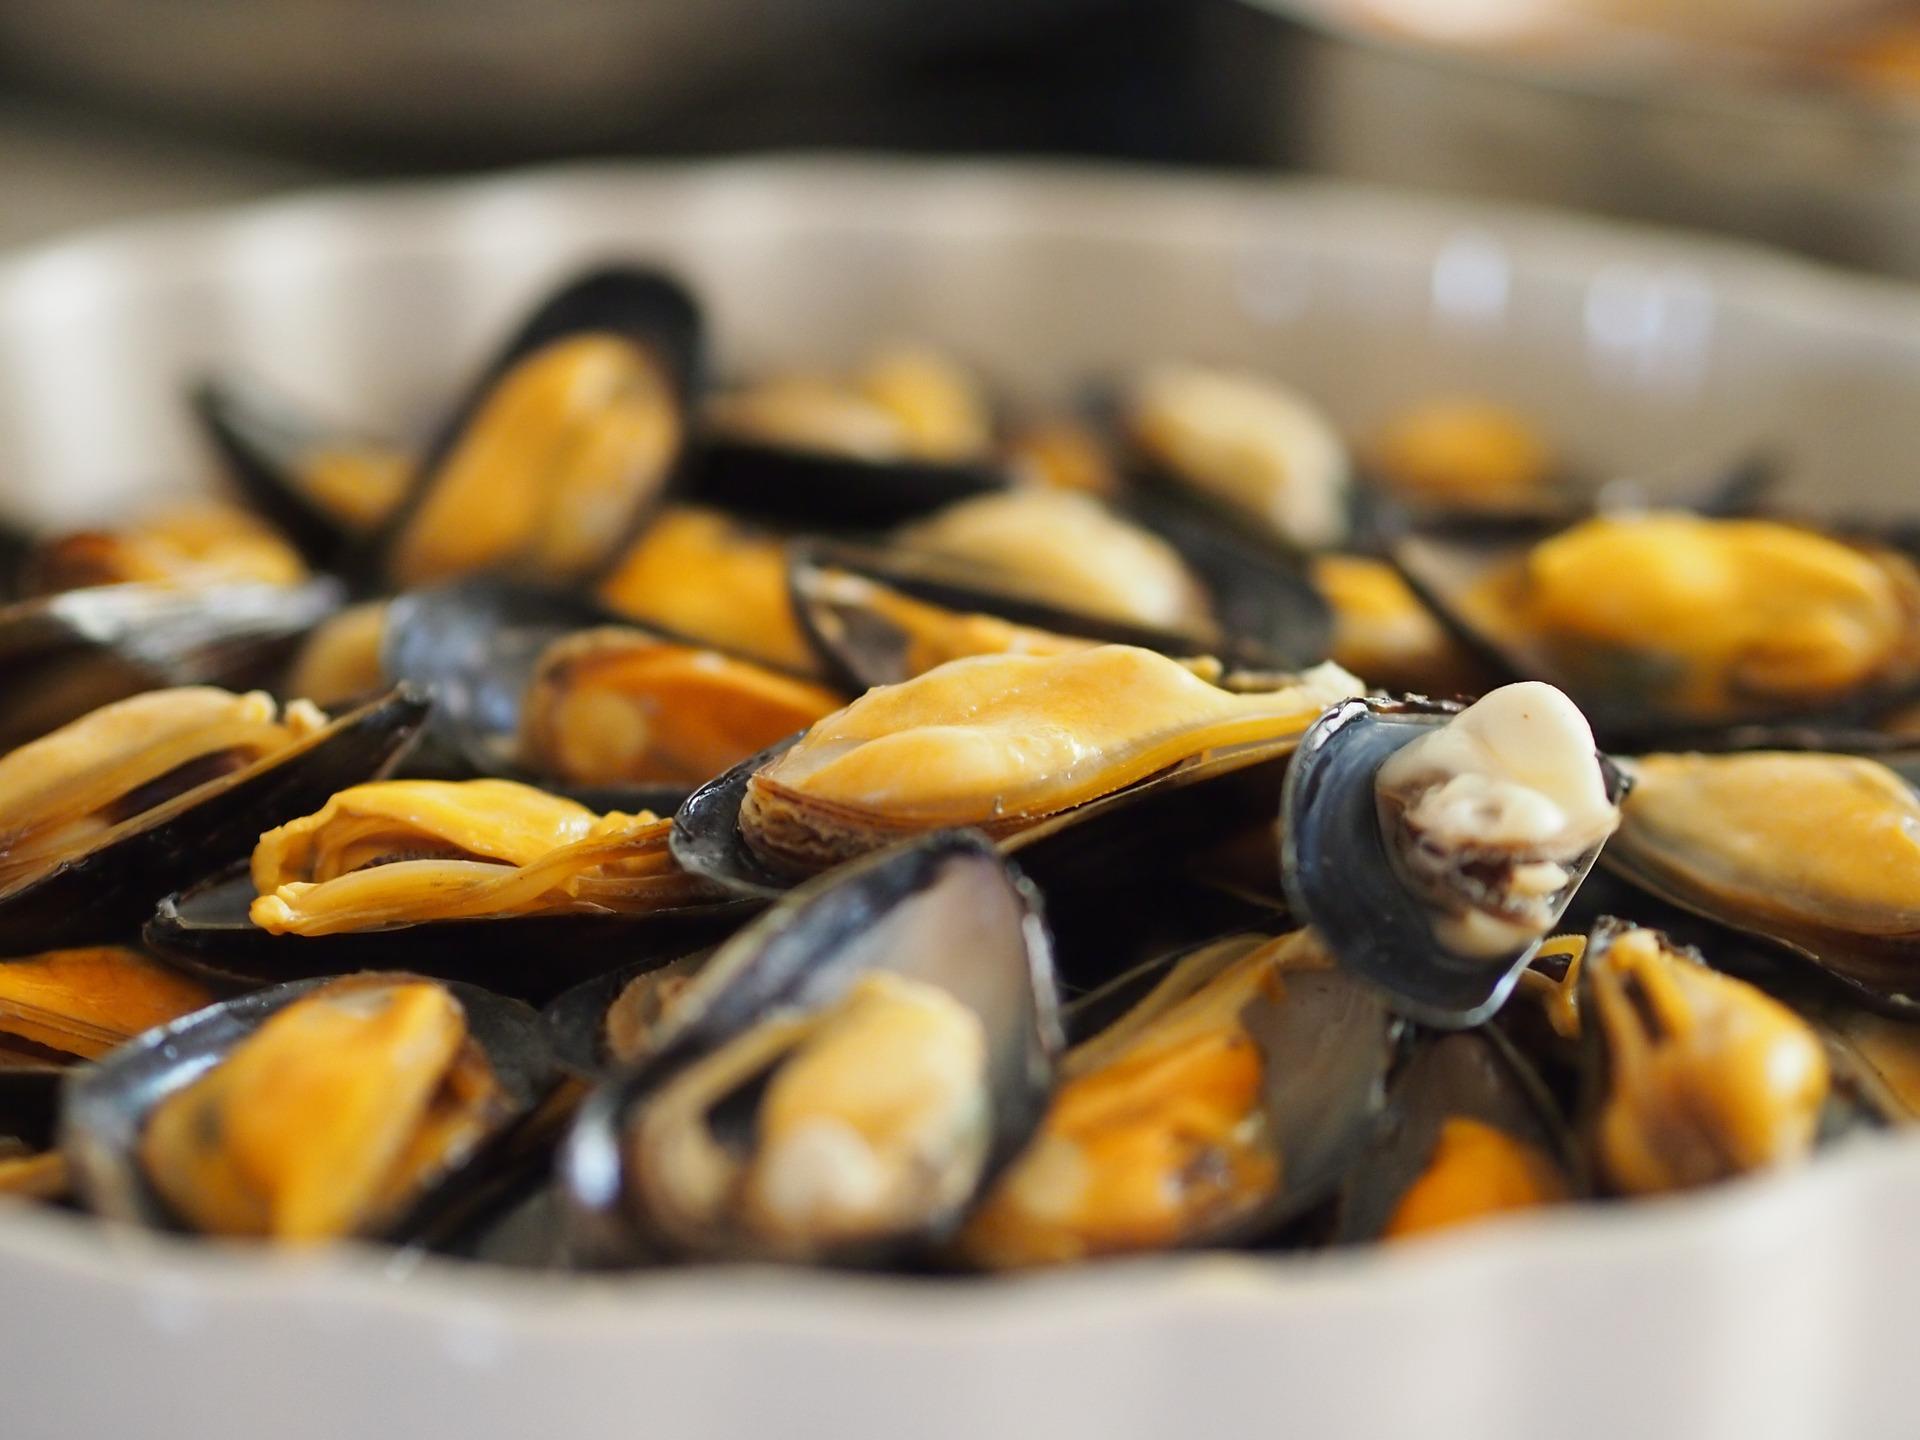 seafood-670948_1920